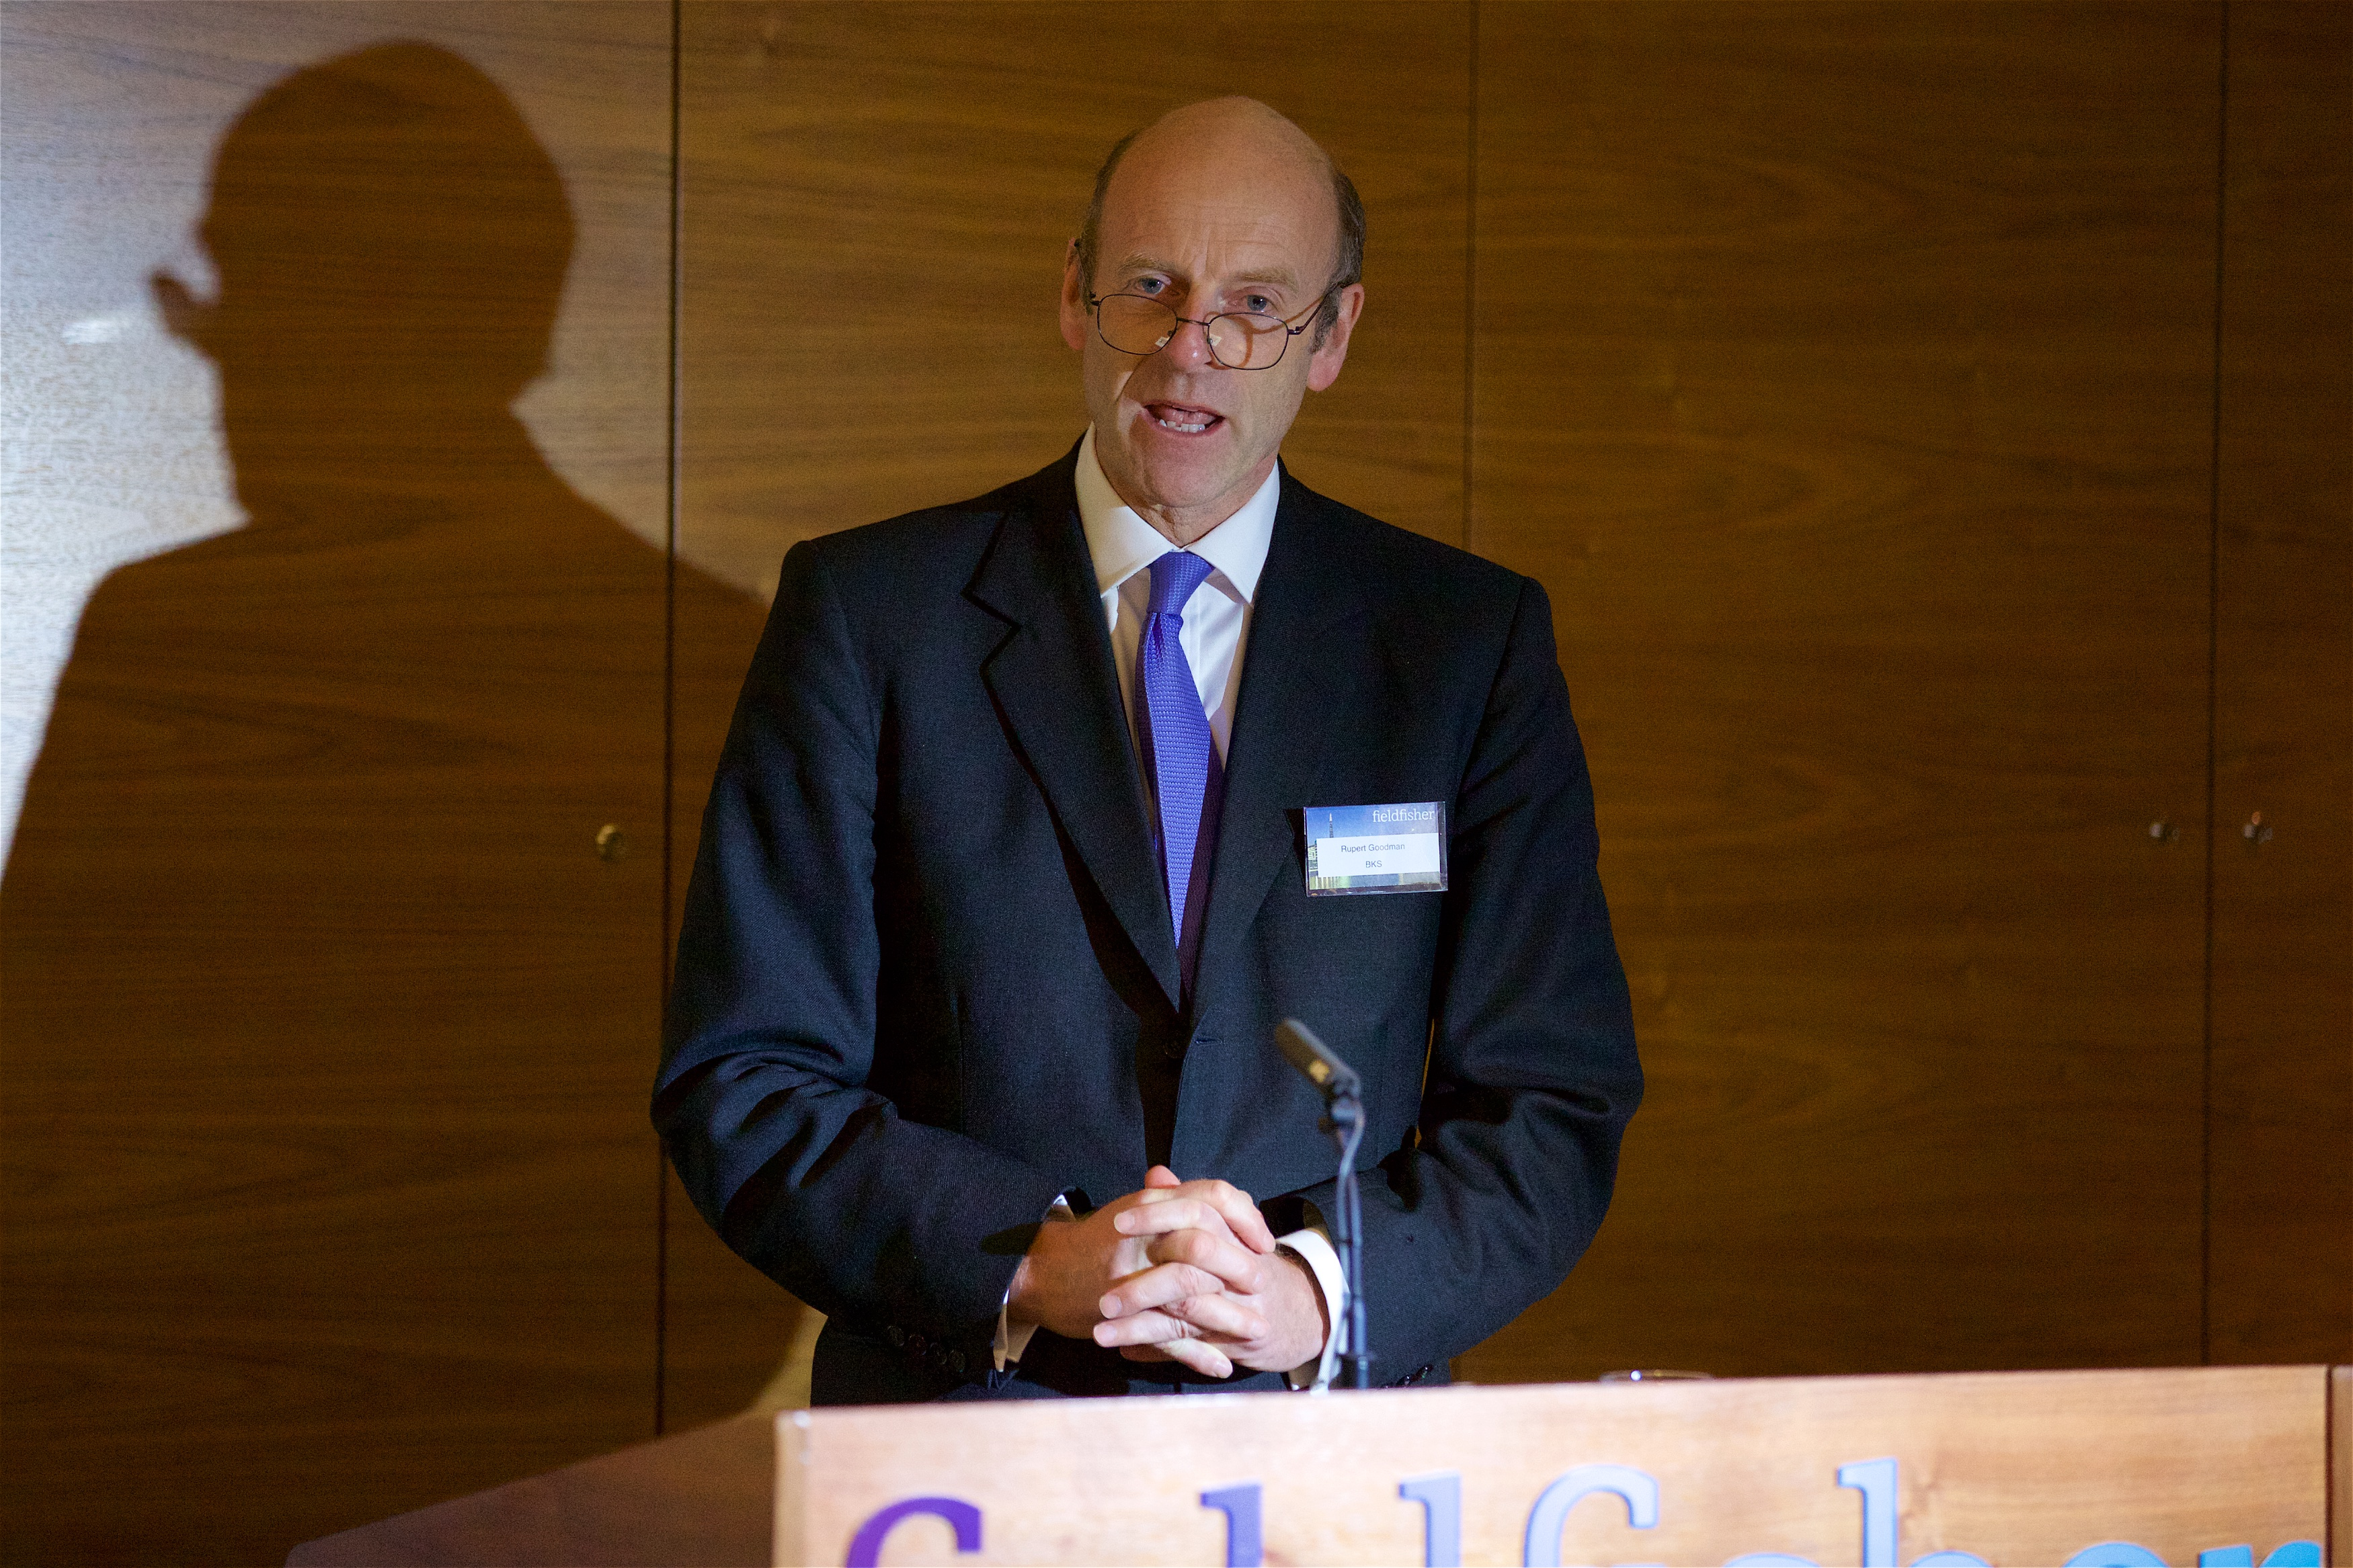 Rupert Goodman (Chairman, BKS)